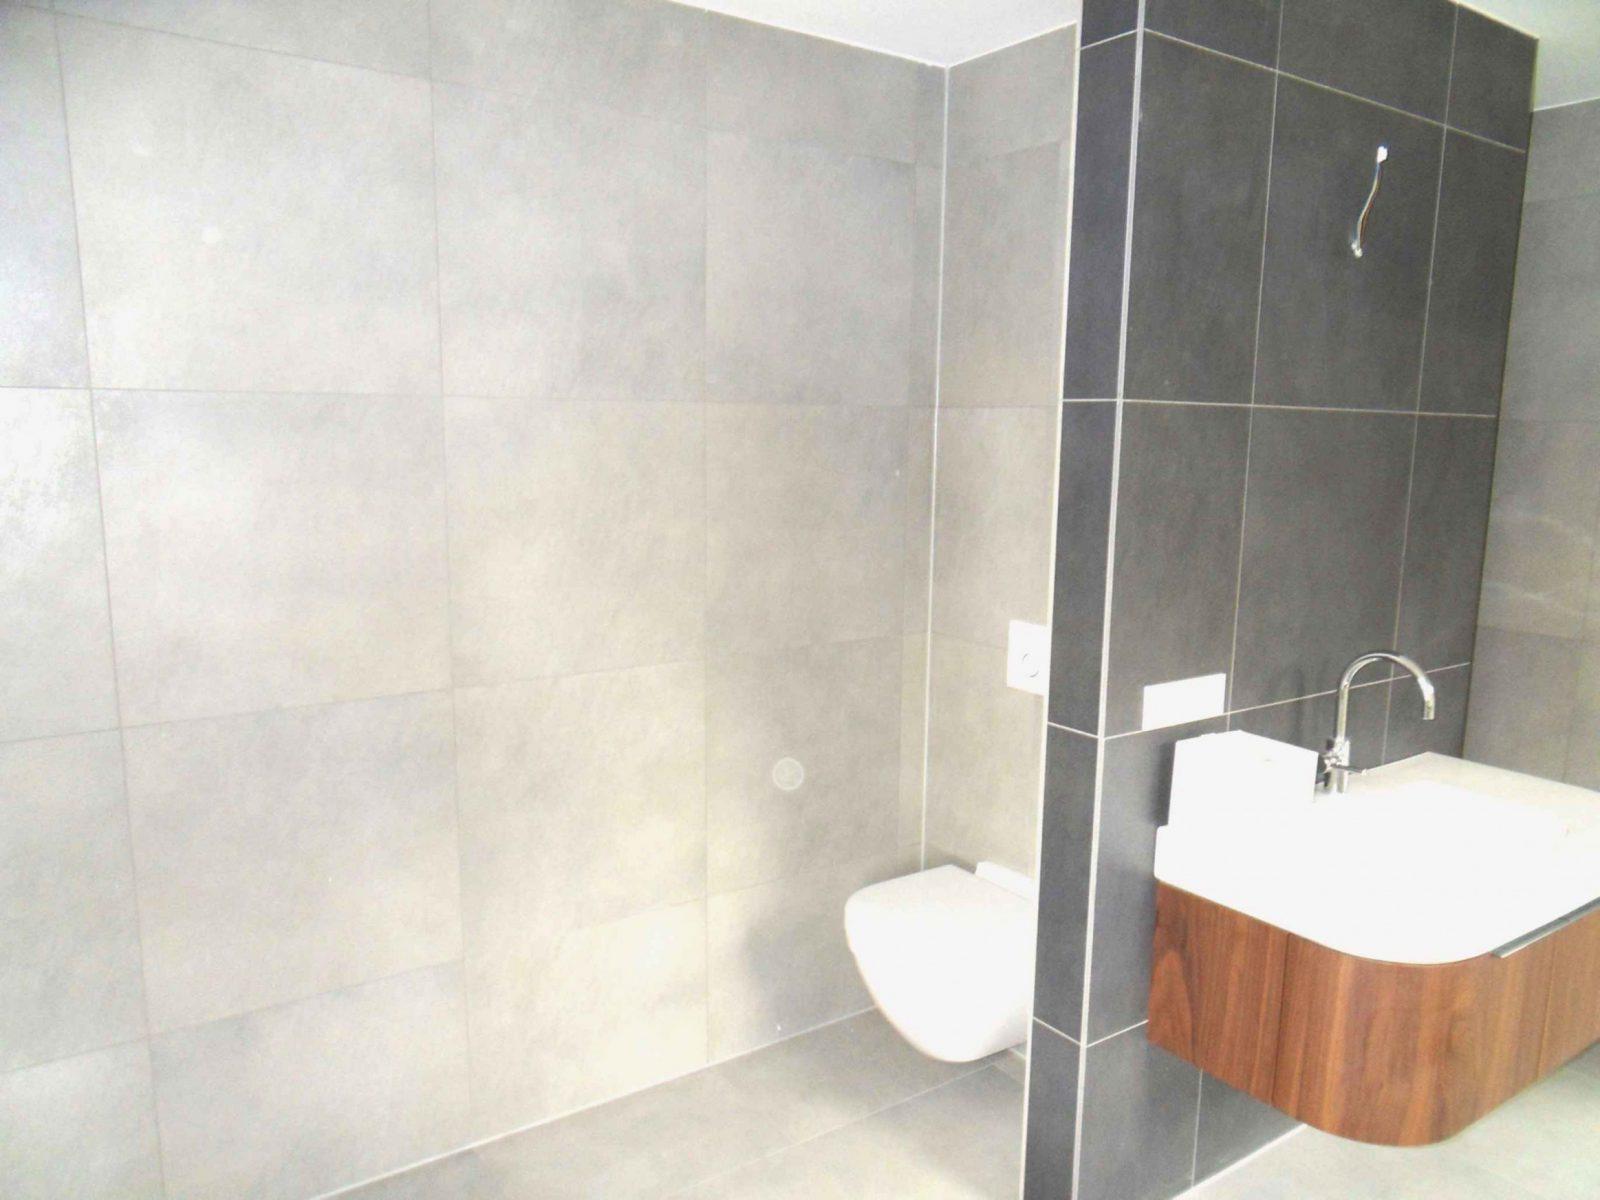 Badinspiration Herrlich Badinspiration Herrlich Fliesen von Badezimmer Ideen Fliesen Bild